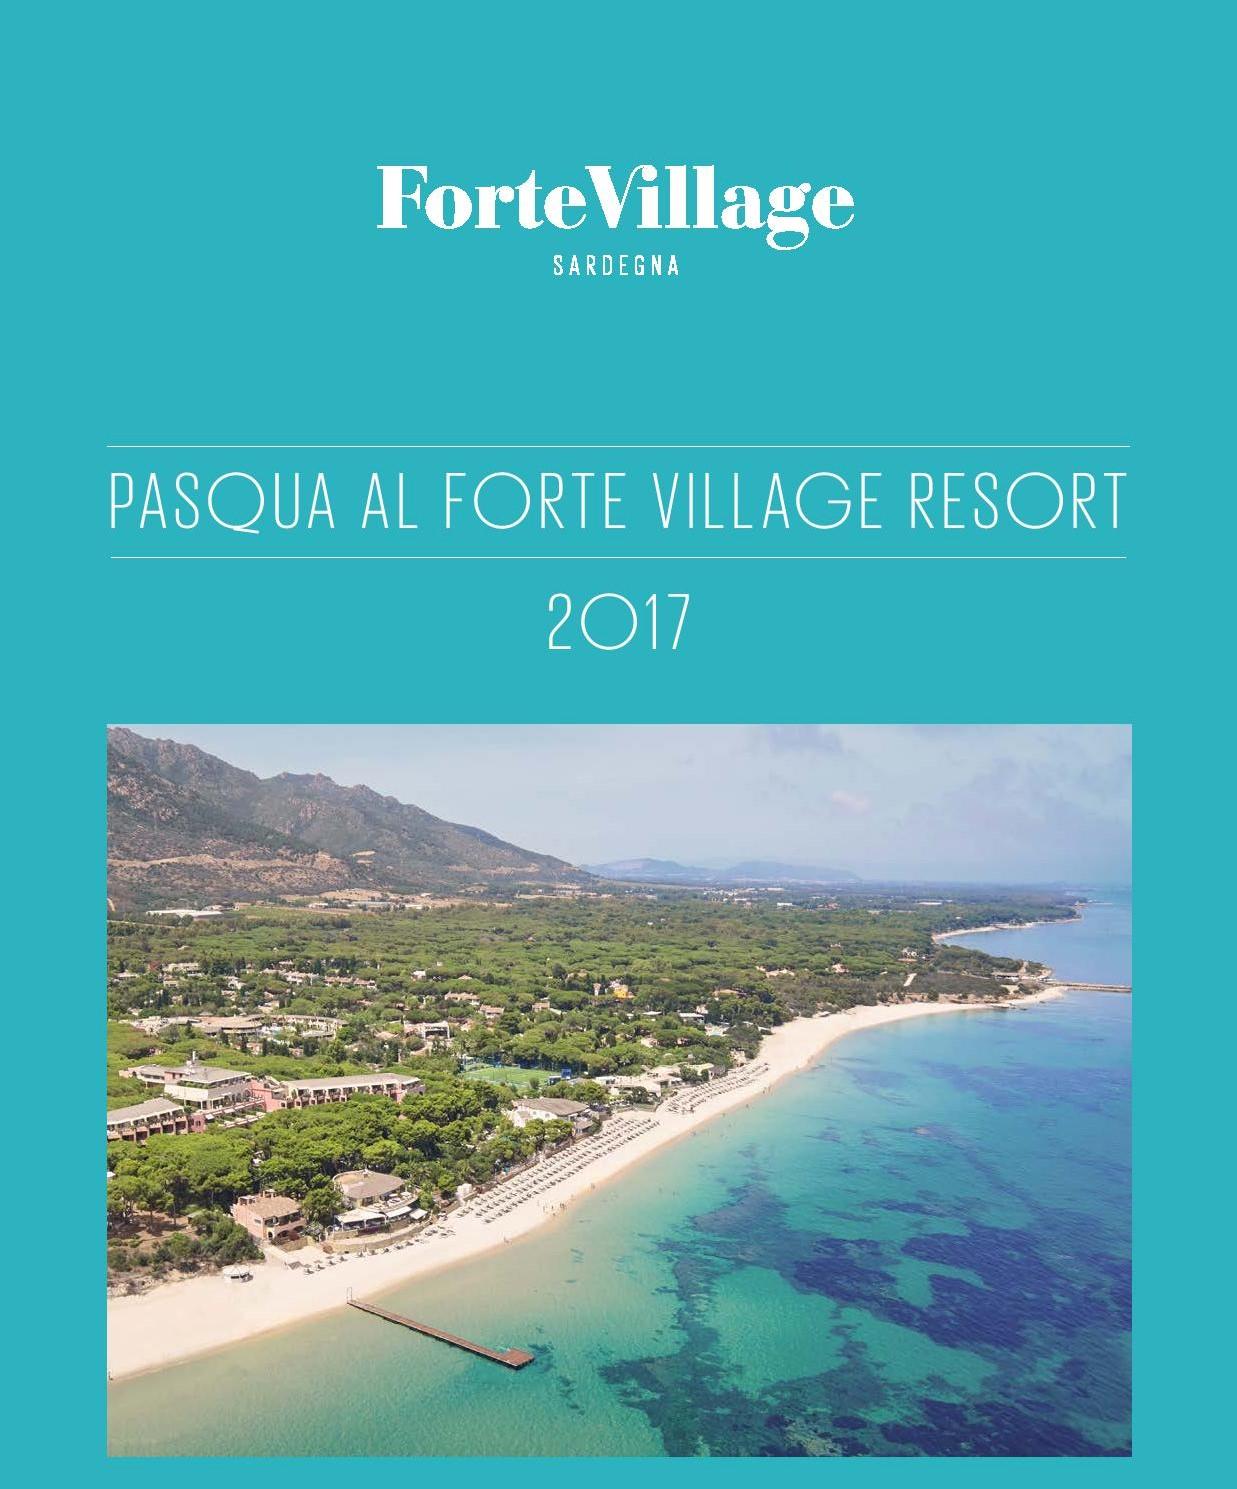 Pasqua al Forte Village Resort 2017_ITA-page-001